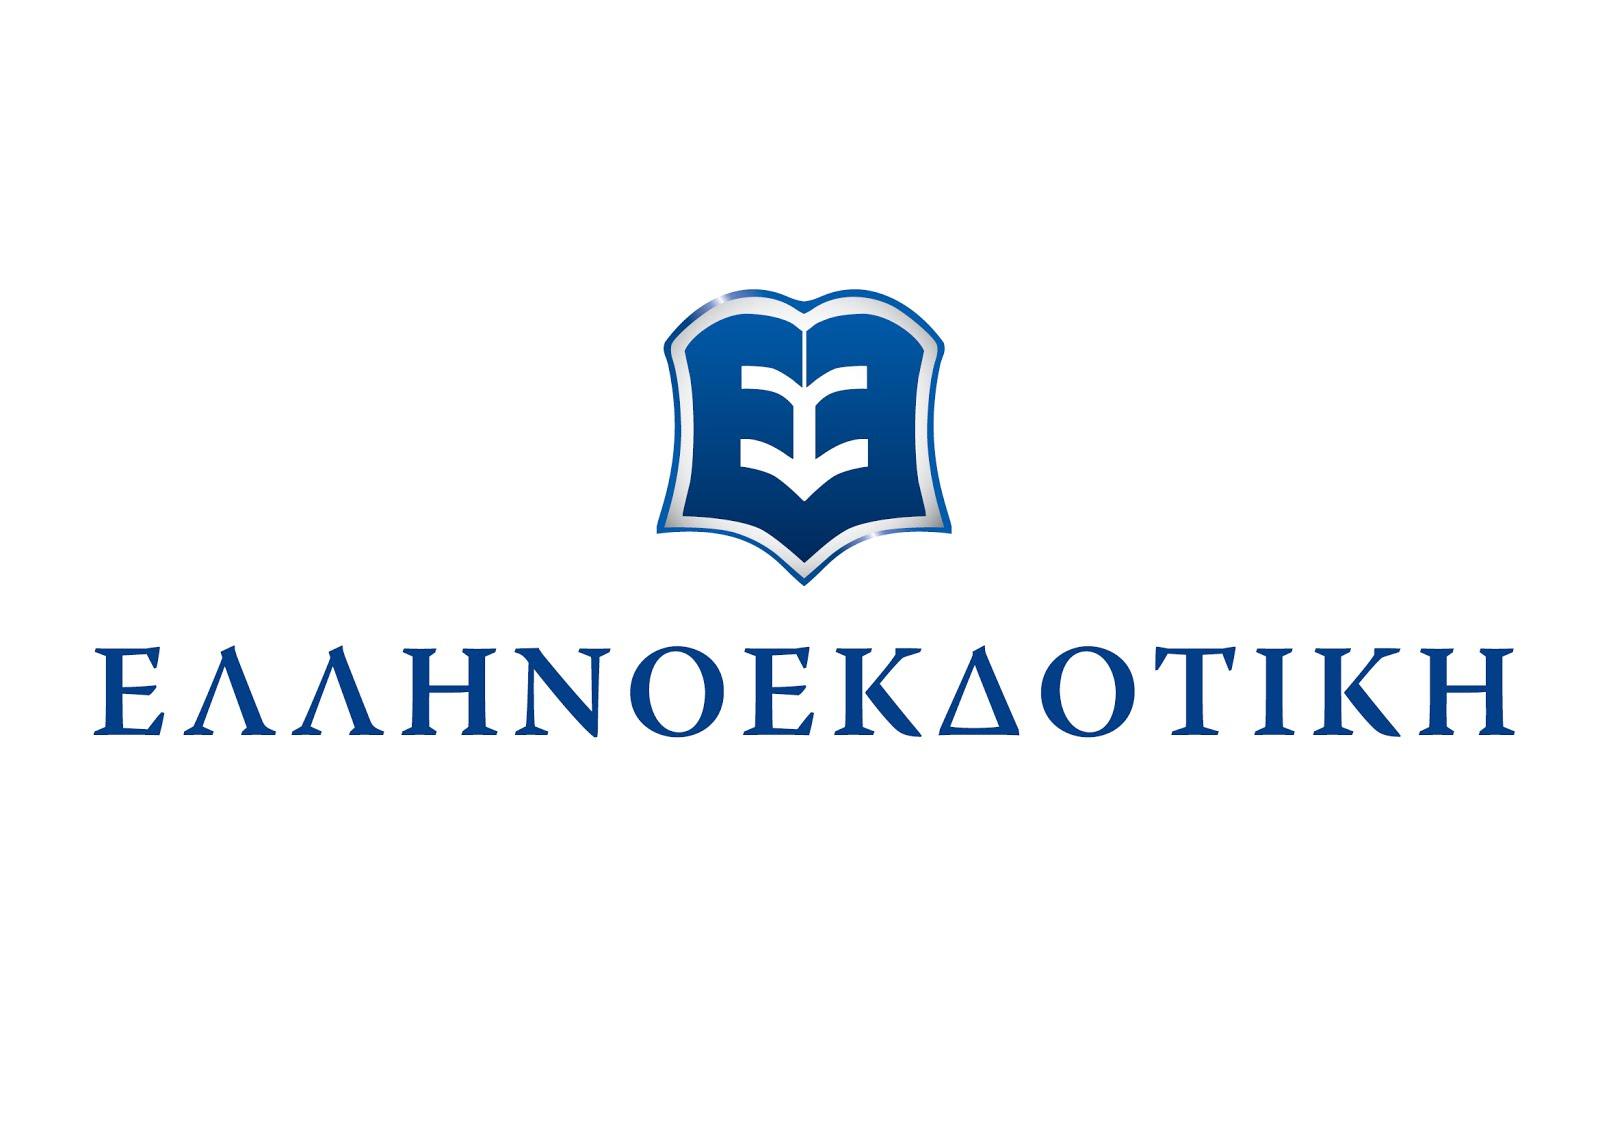 Ελληνοεκδοτική